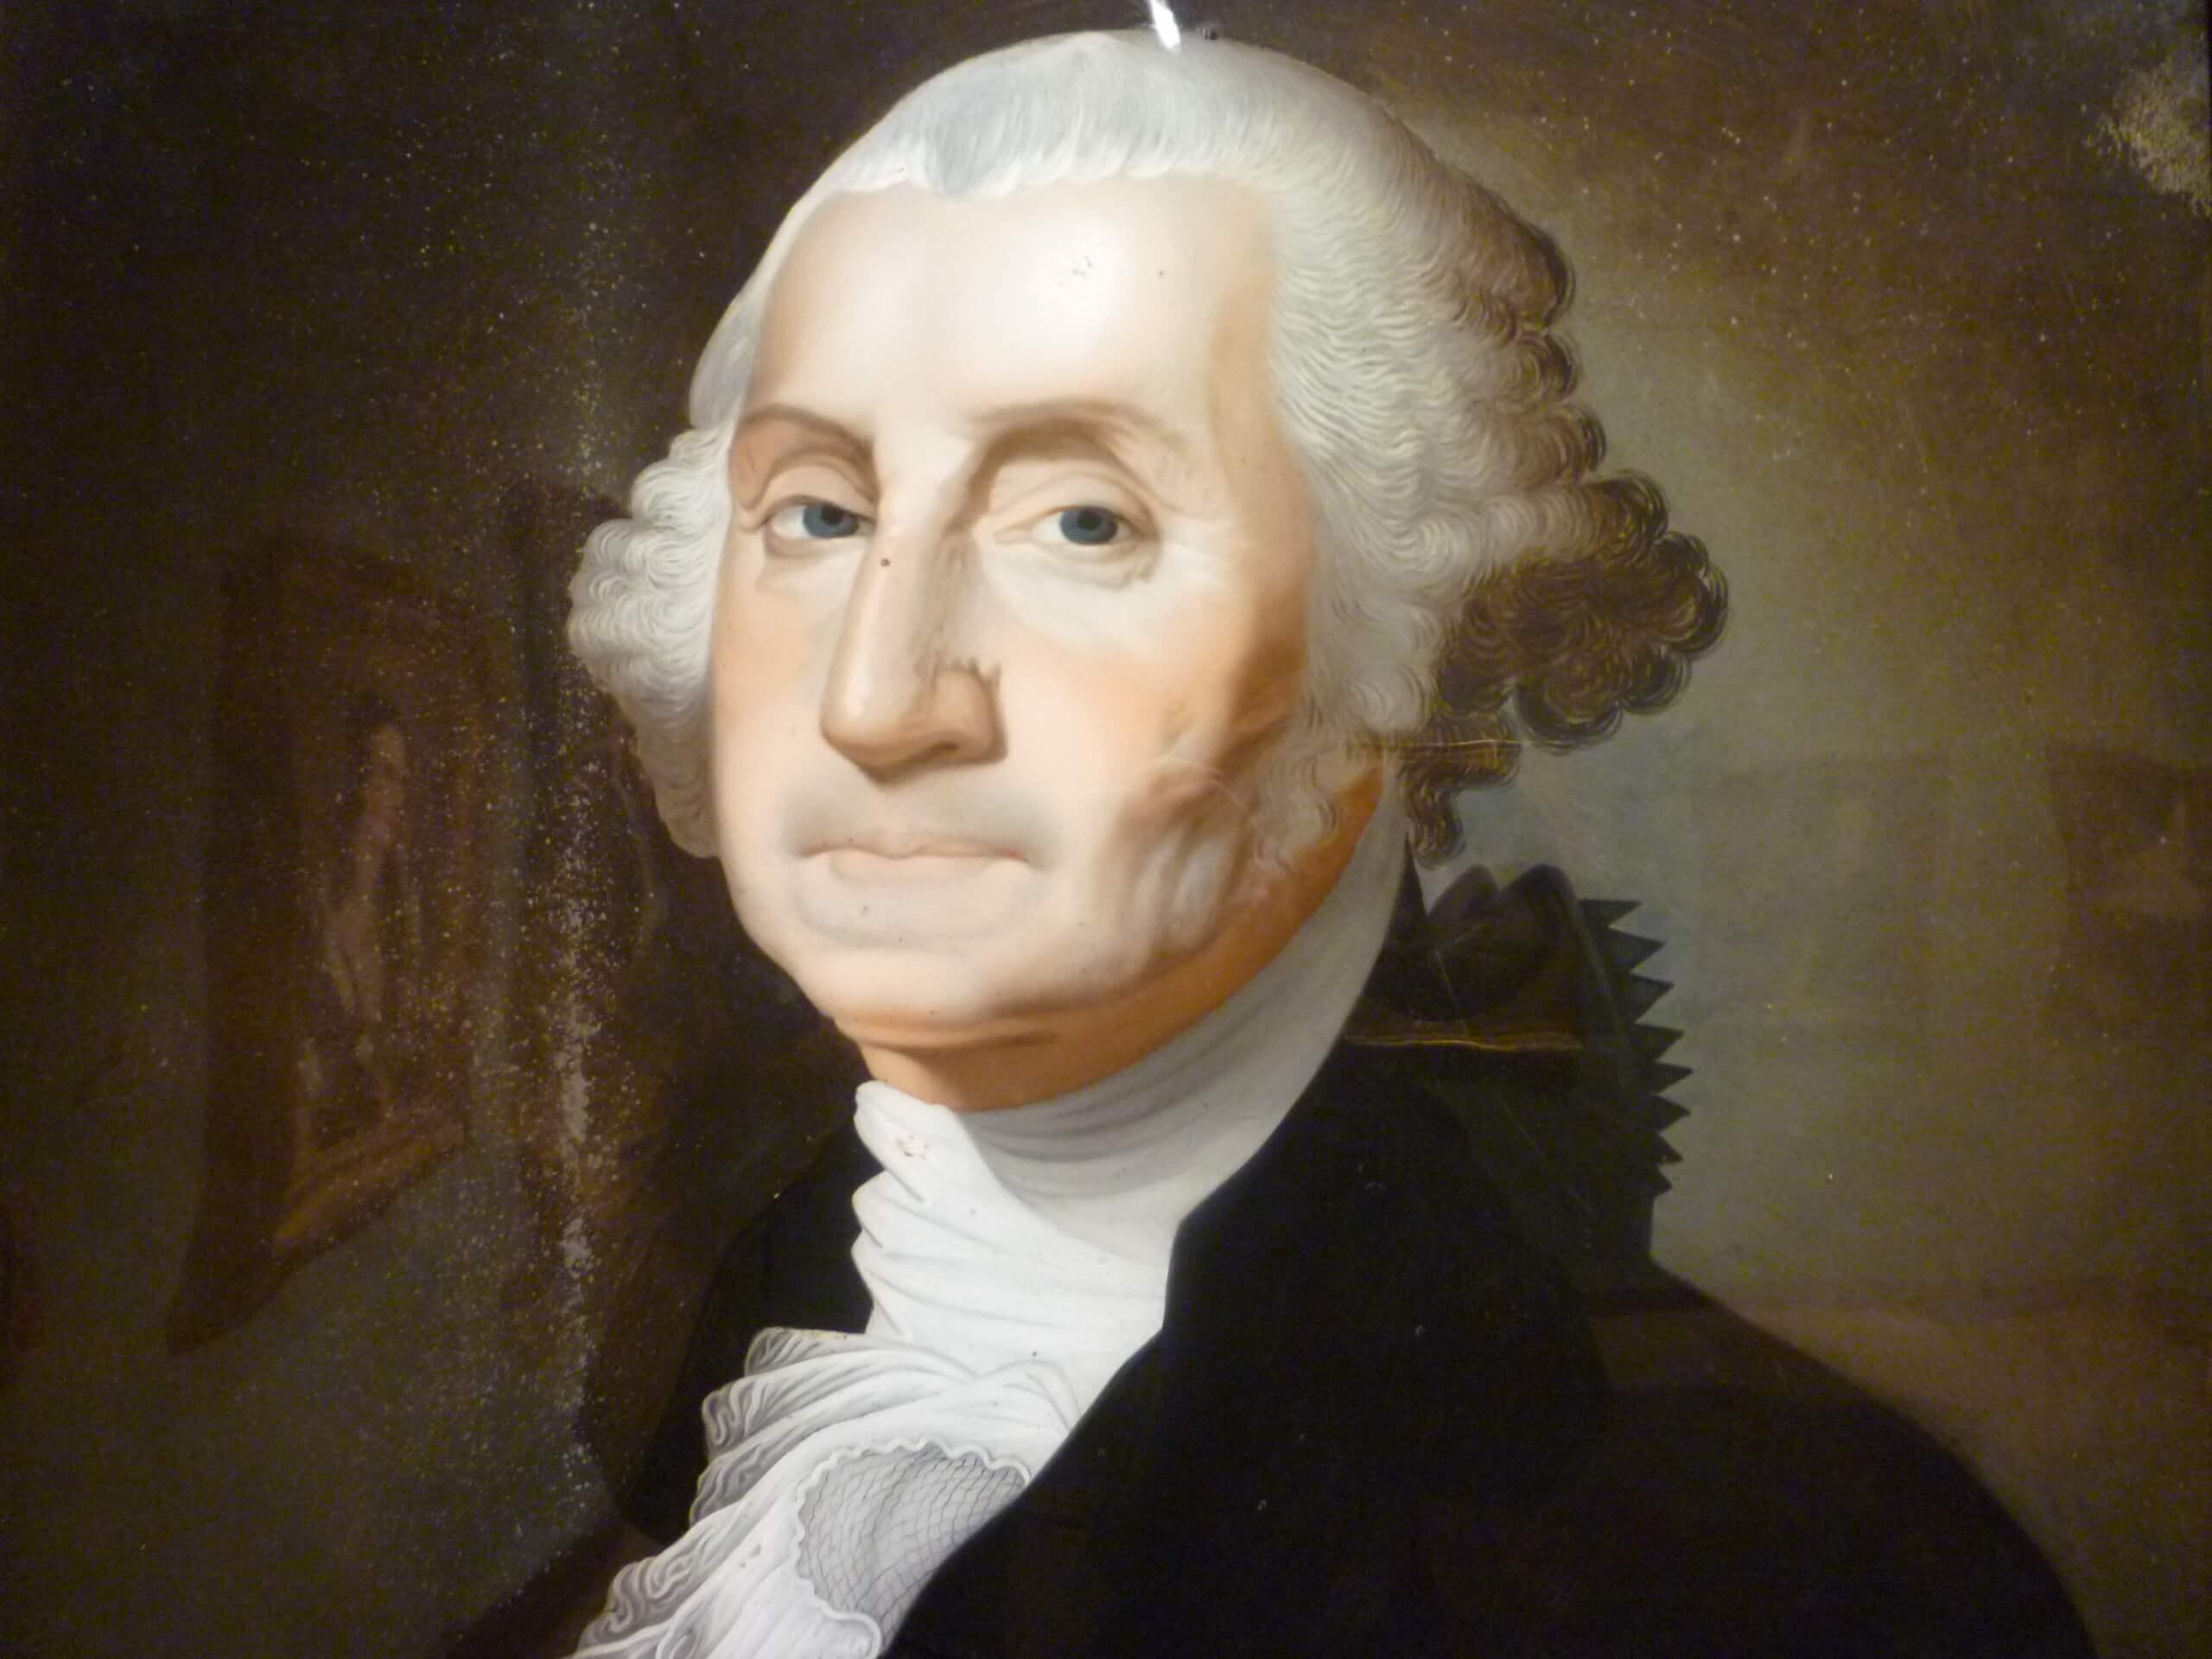 George Washington Biografía, historia de vida, carrera y presidencia